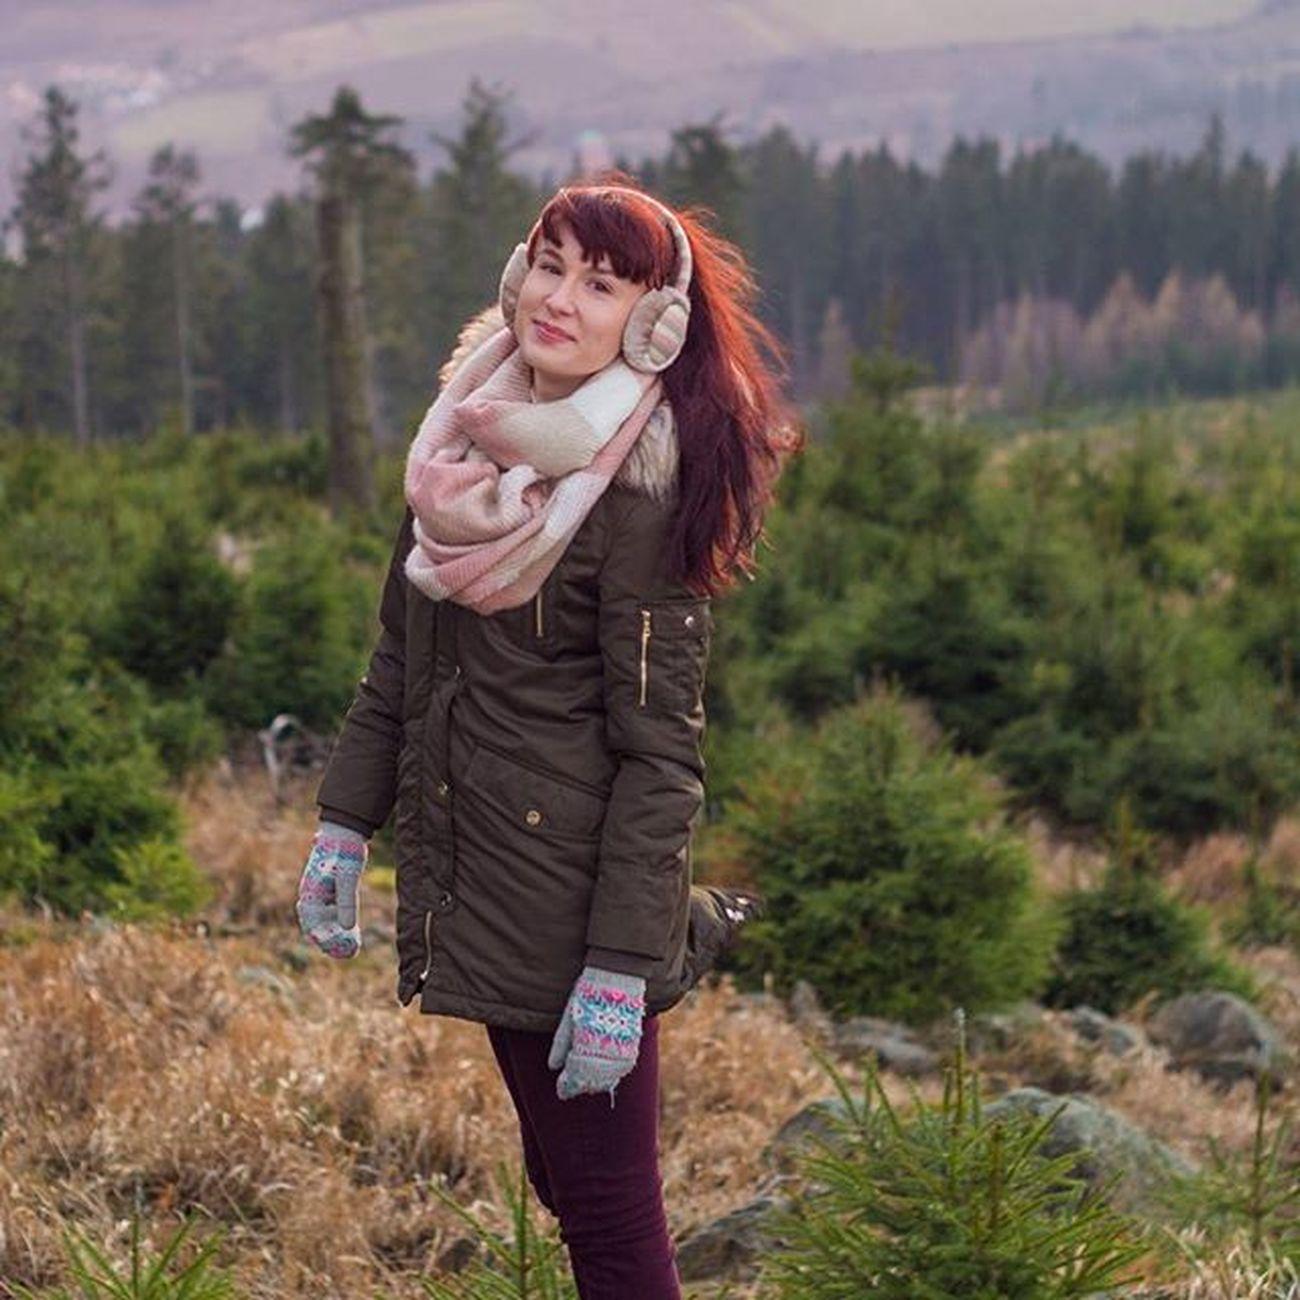 Drugi dzień świąt aktywnie więc można jeść dalej😀 Drugi Dzien świat Merry Christmas święta  Gory Sowie Stok Rymarz Spacer Beautiful Aktywnie Free Time Mountains Natura Landscape Nature Krajobraz Zachod Słońca Sunset Outfit Ootd polishgirlpolandlikeforlikel4lf4f